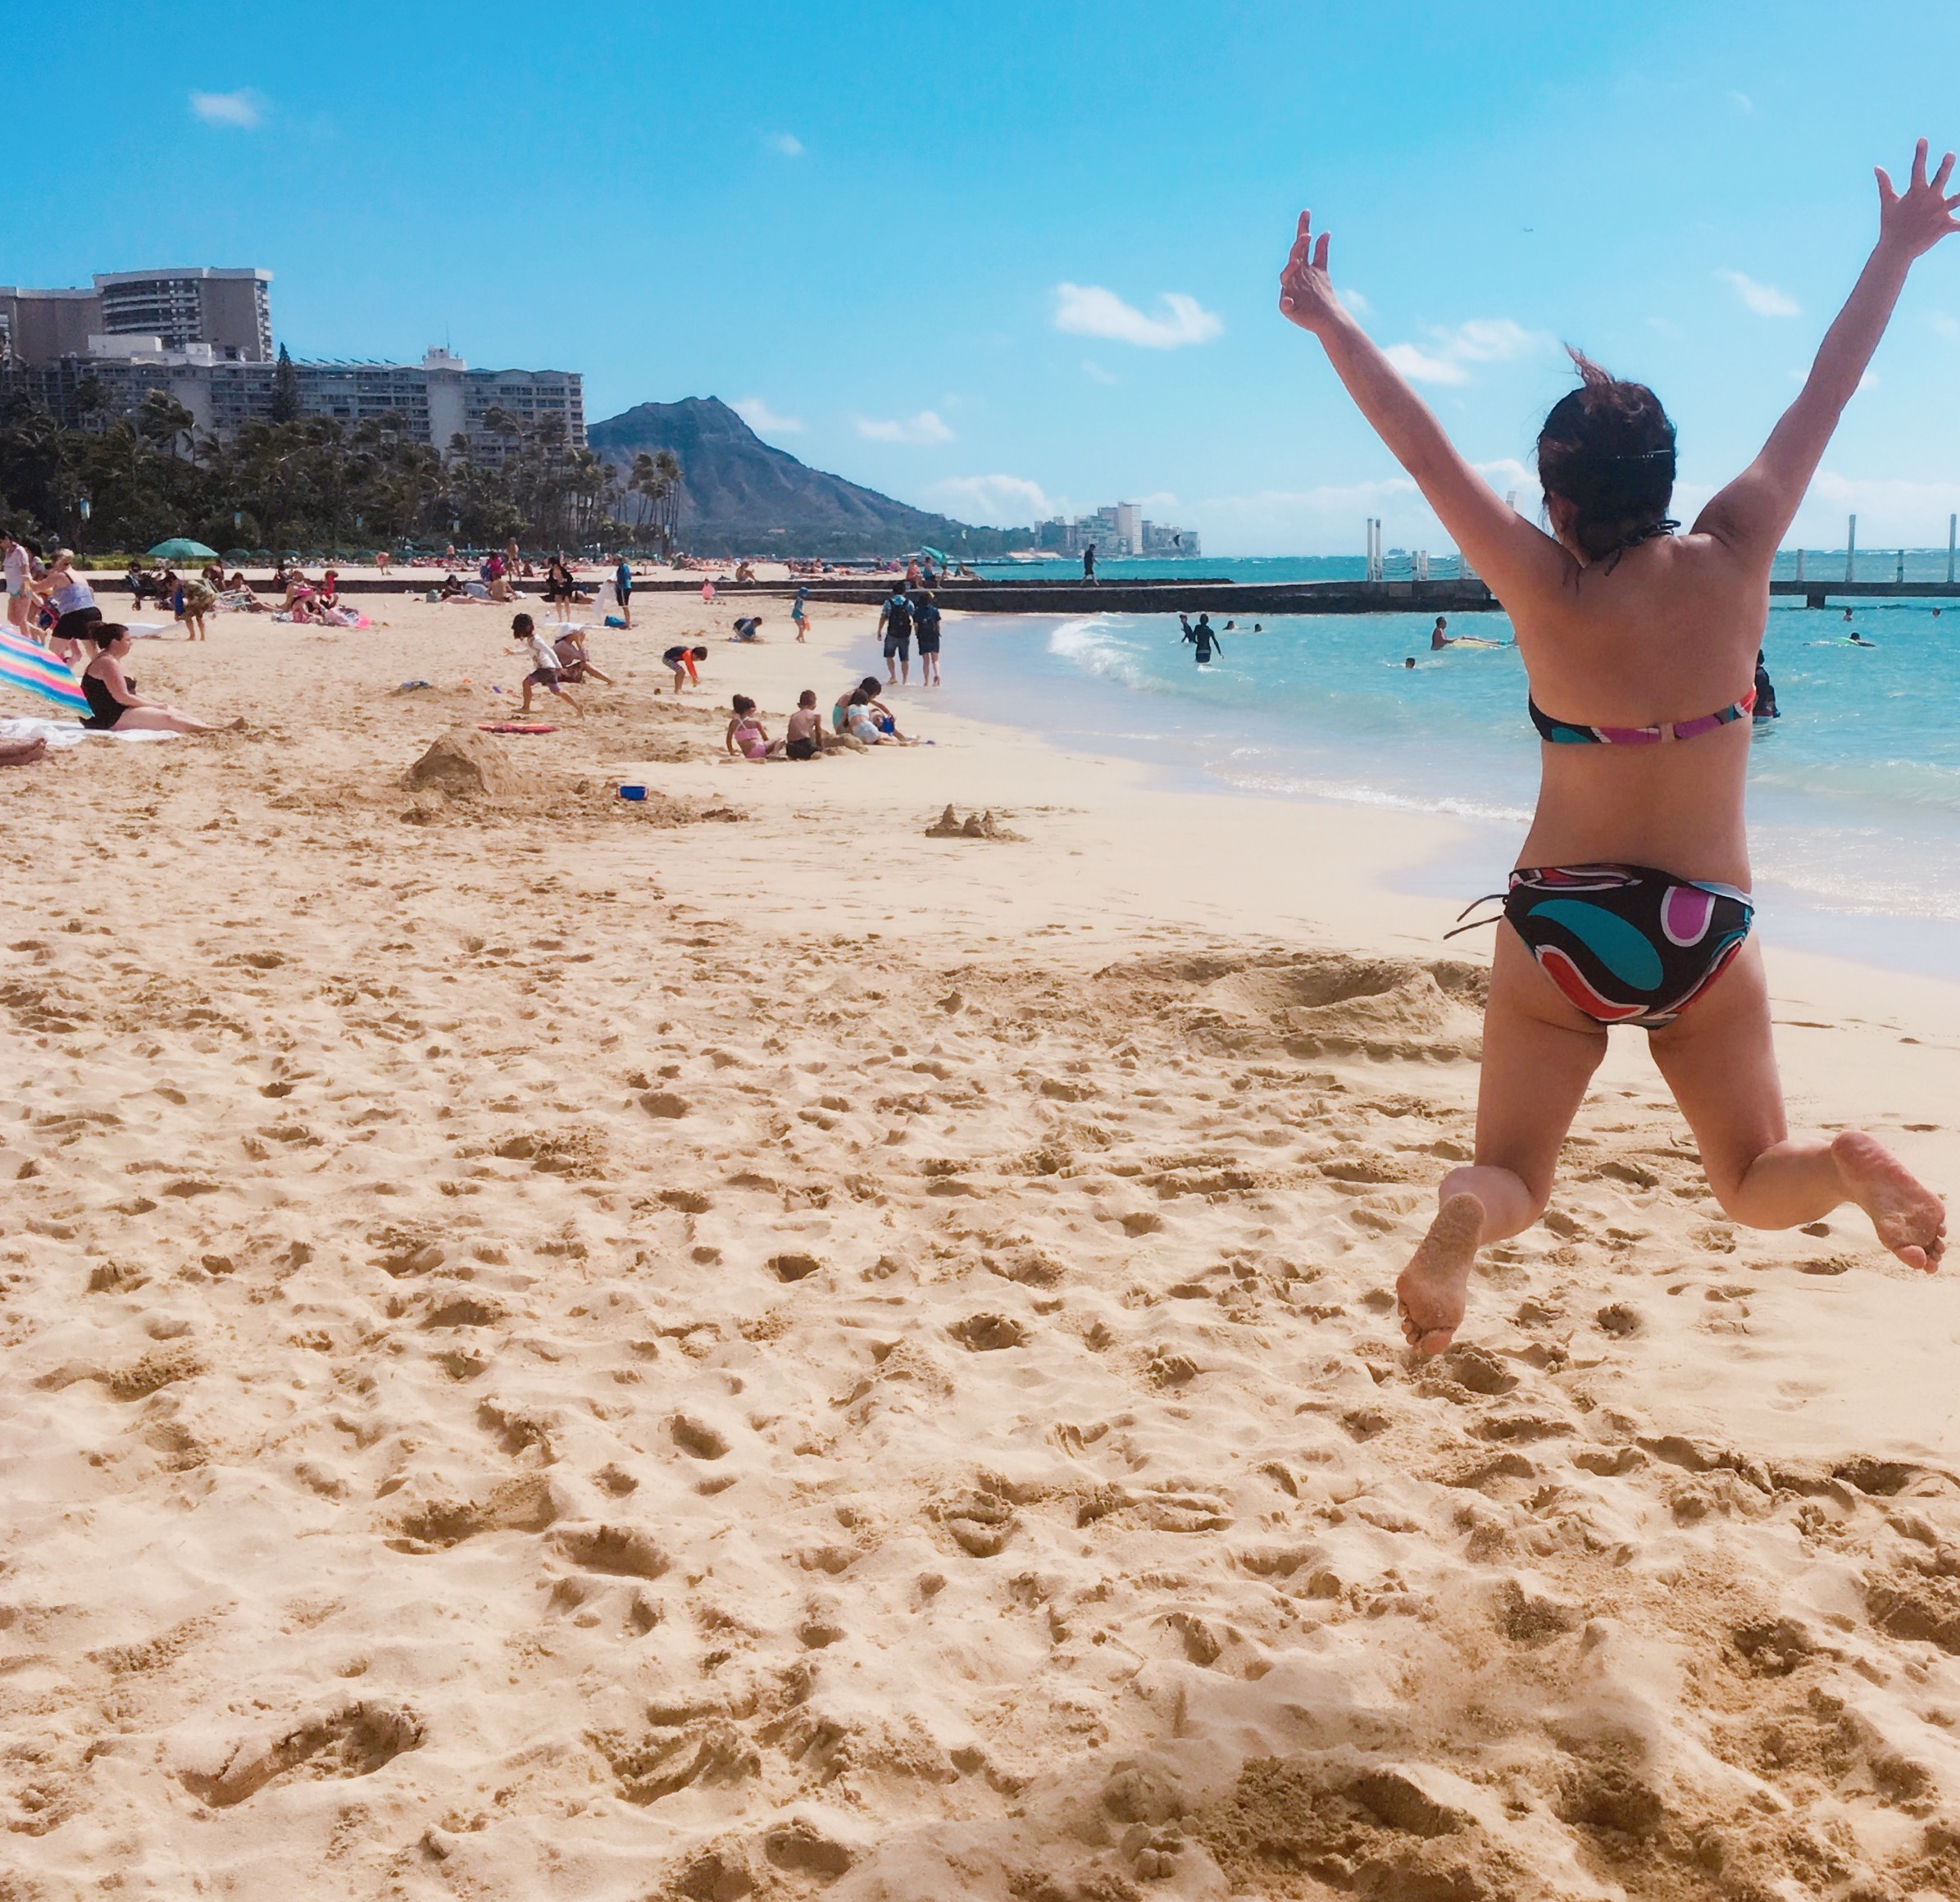 ヤングリヴィング社に招待され、ハワイに行って来ました!